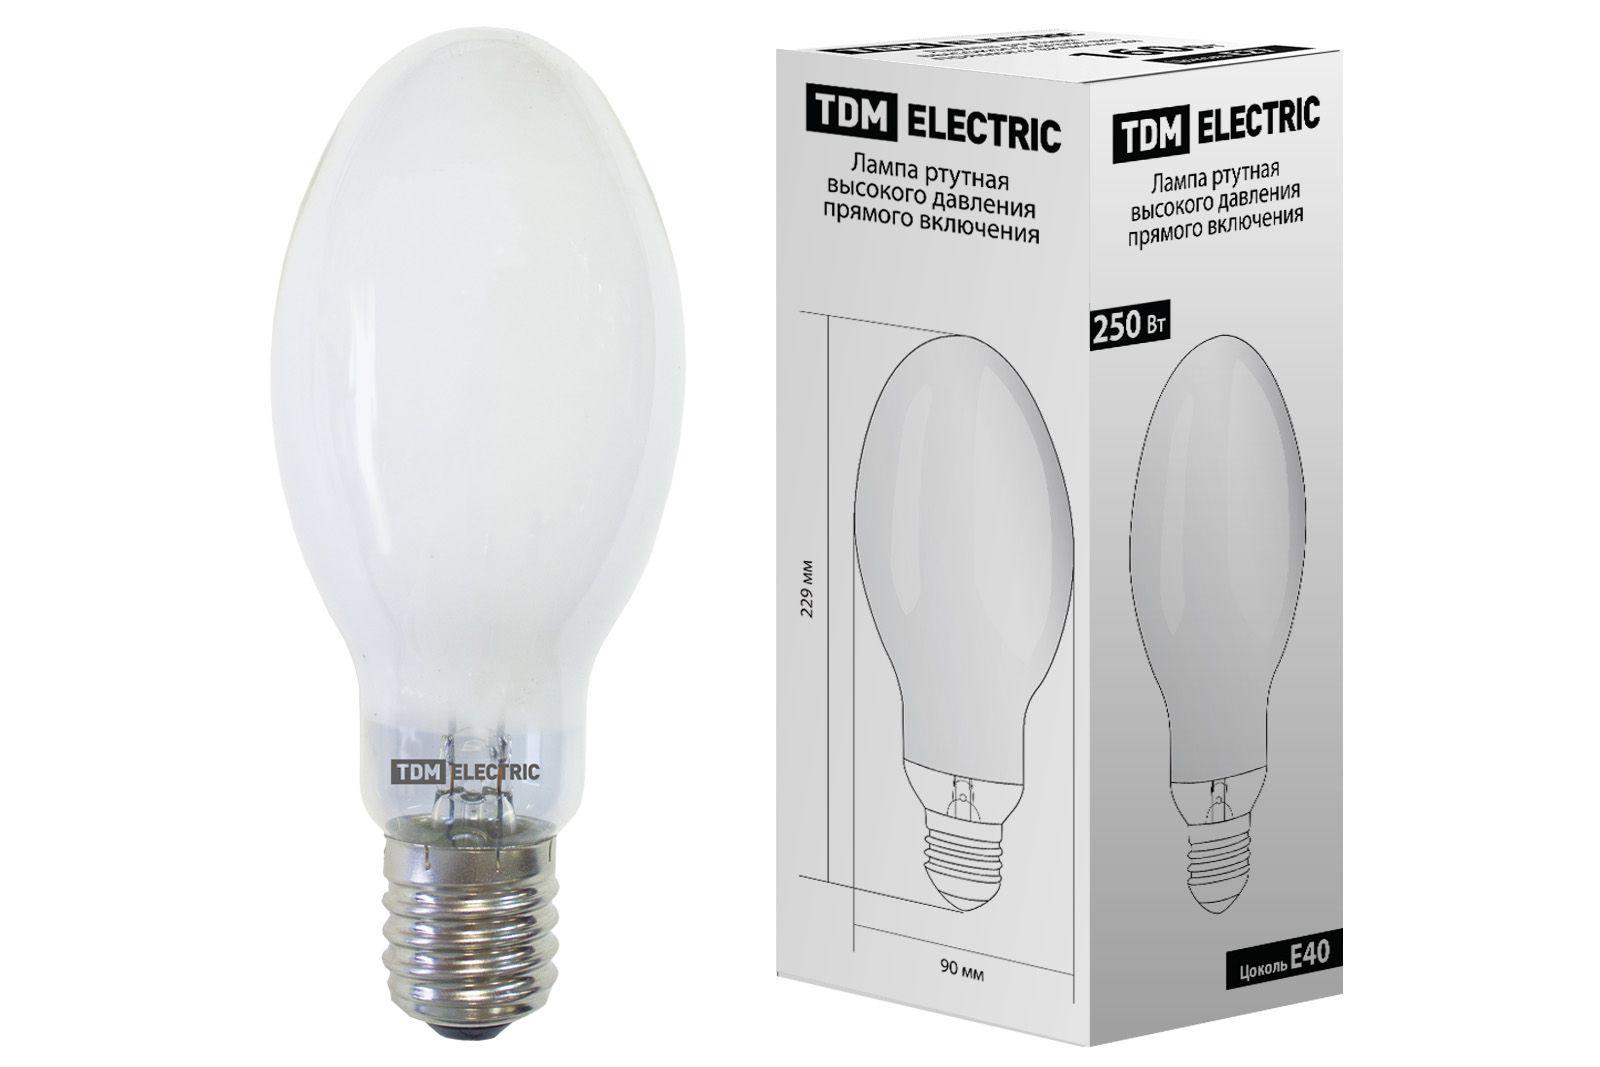 Купить Лампа ртутная TDM SQ0325-0020 250Вт Е40 230В прямого включения, TDM ELECTRIC